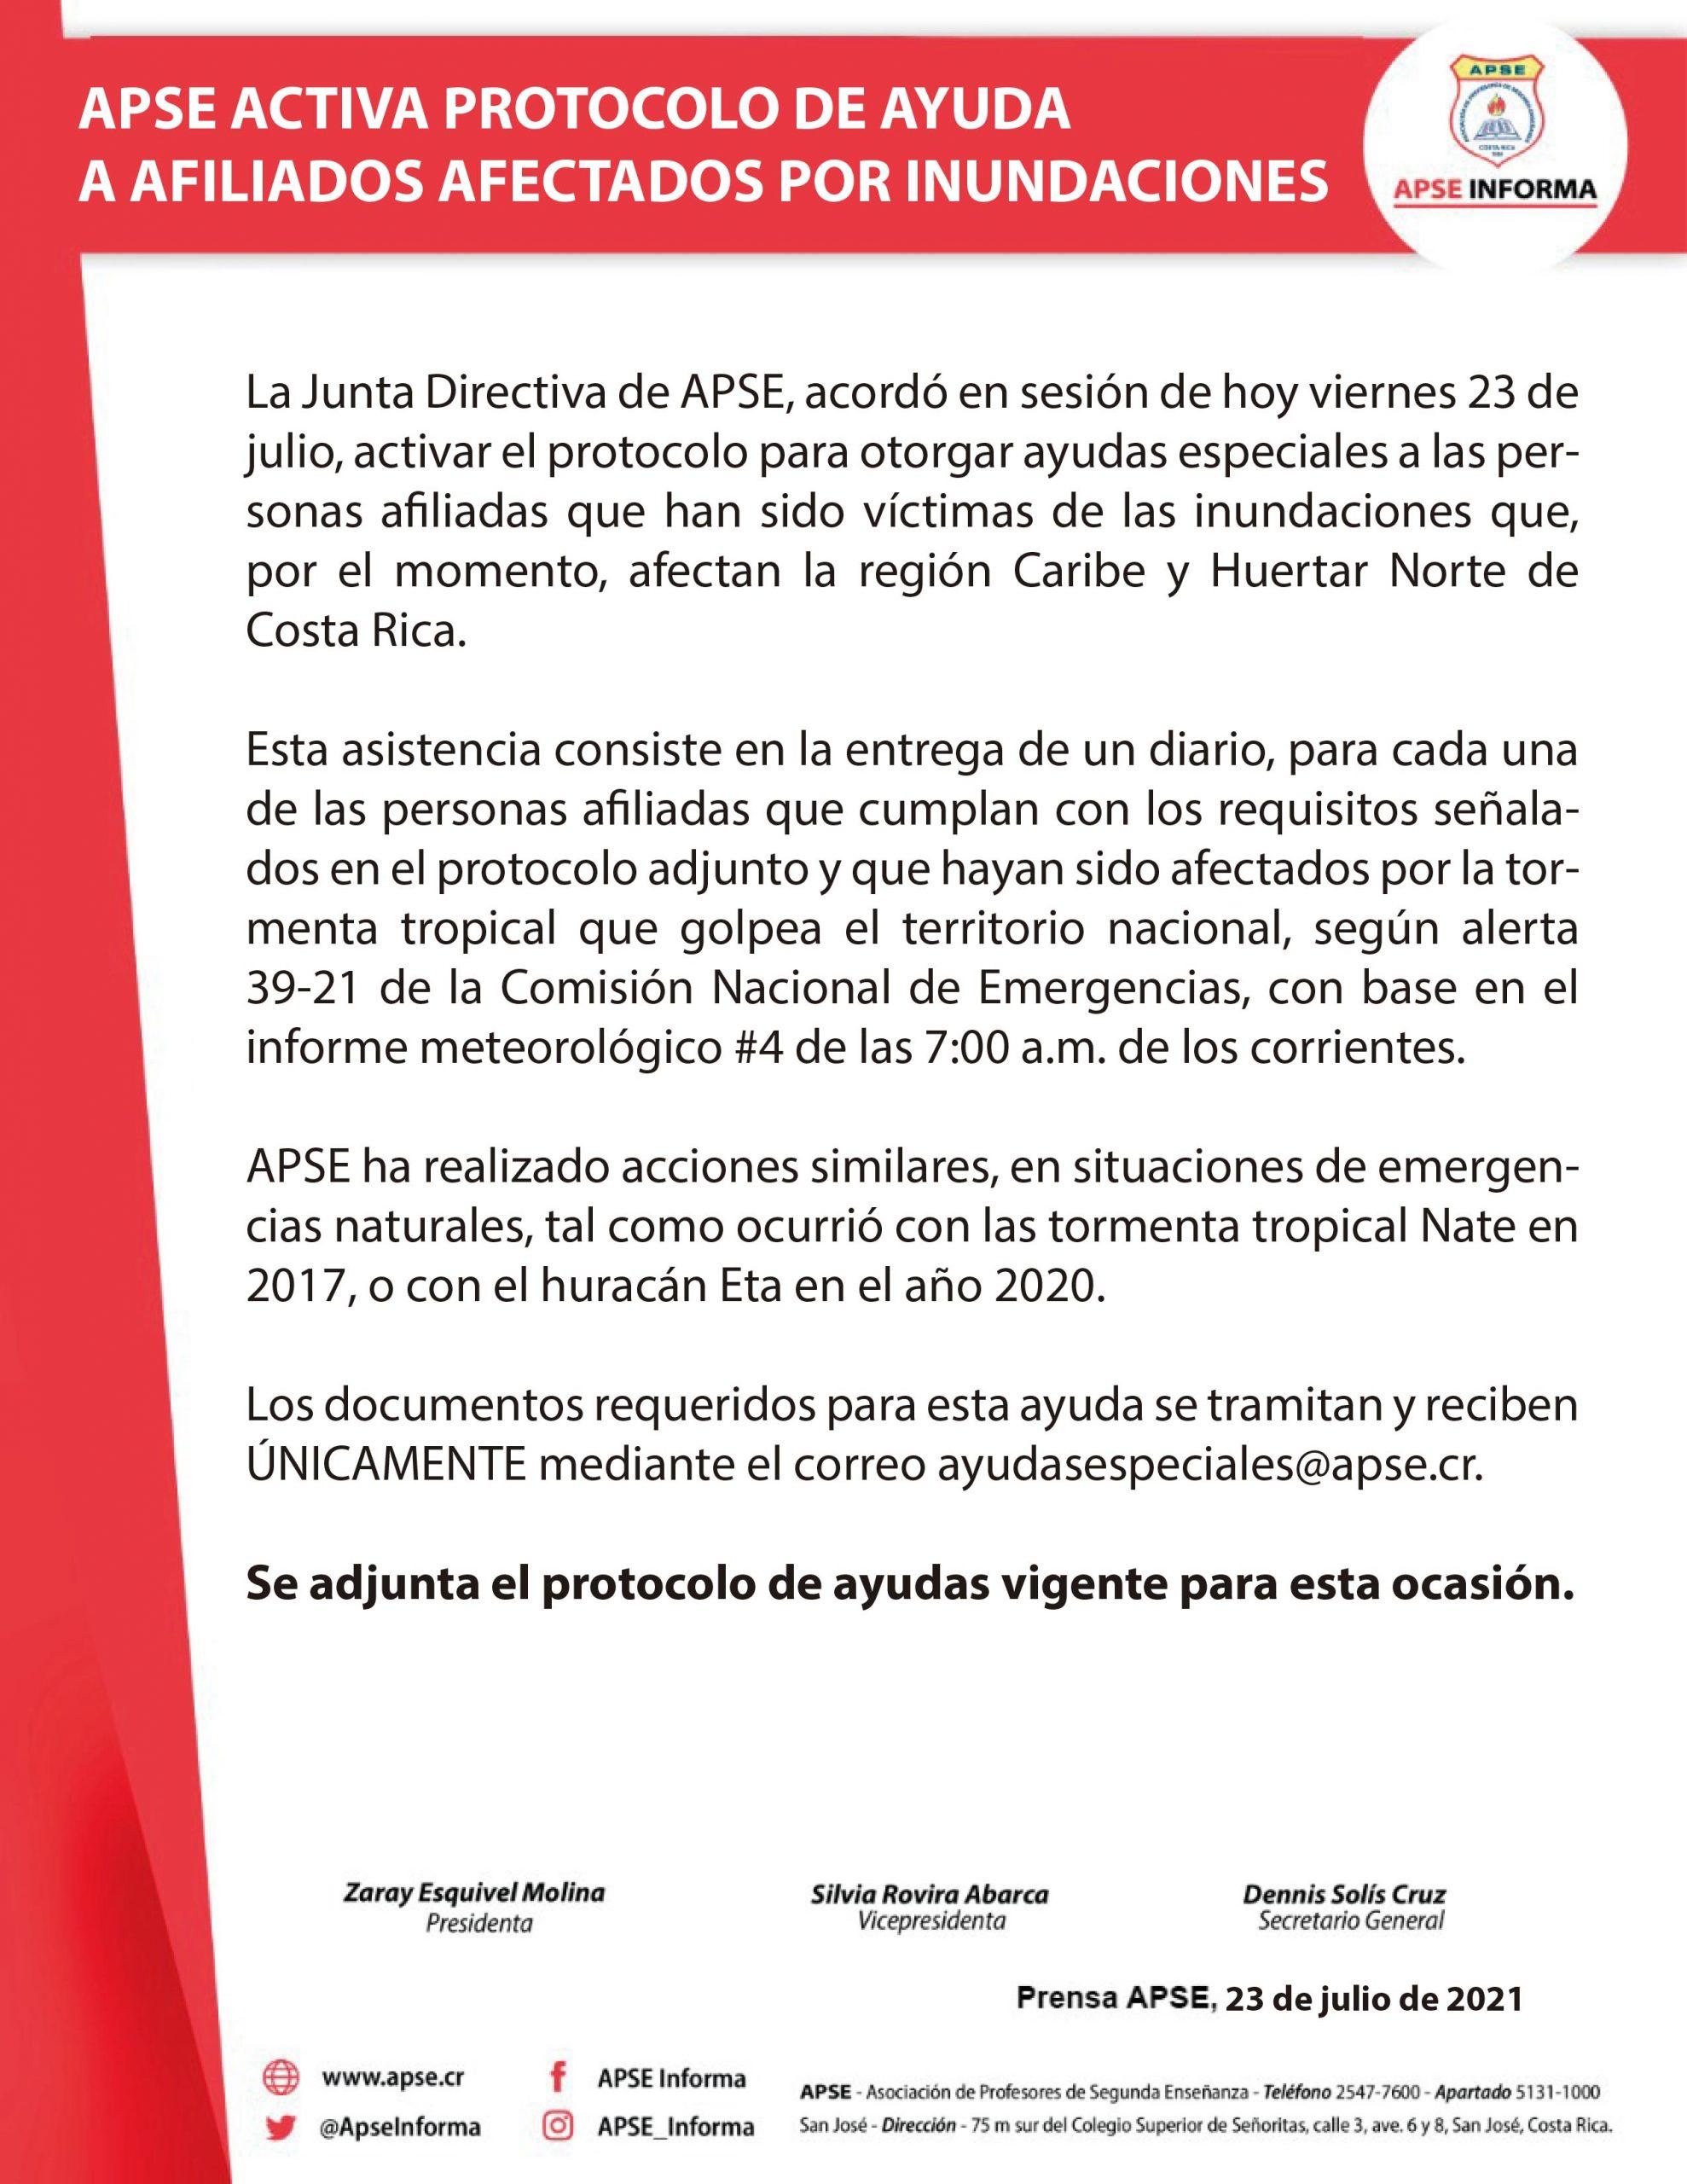 APSE ACTIVA PROTOCOLO DE AYUDA A AFILIADOS AFECTADOS POR INUNDACIONES